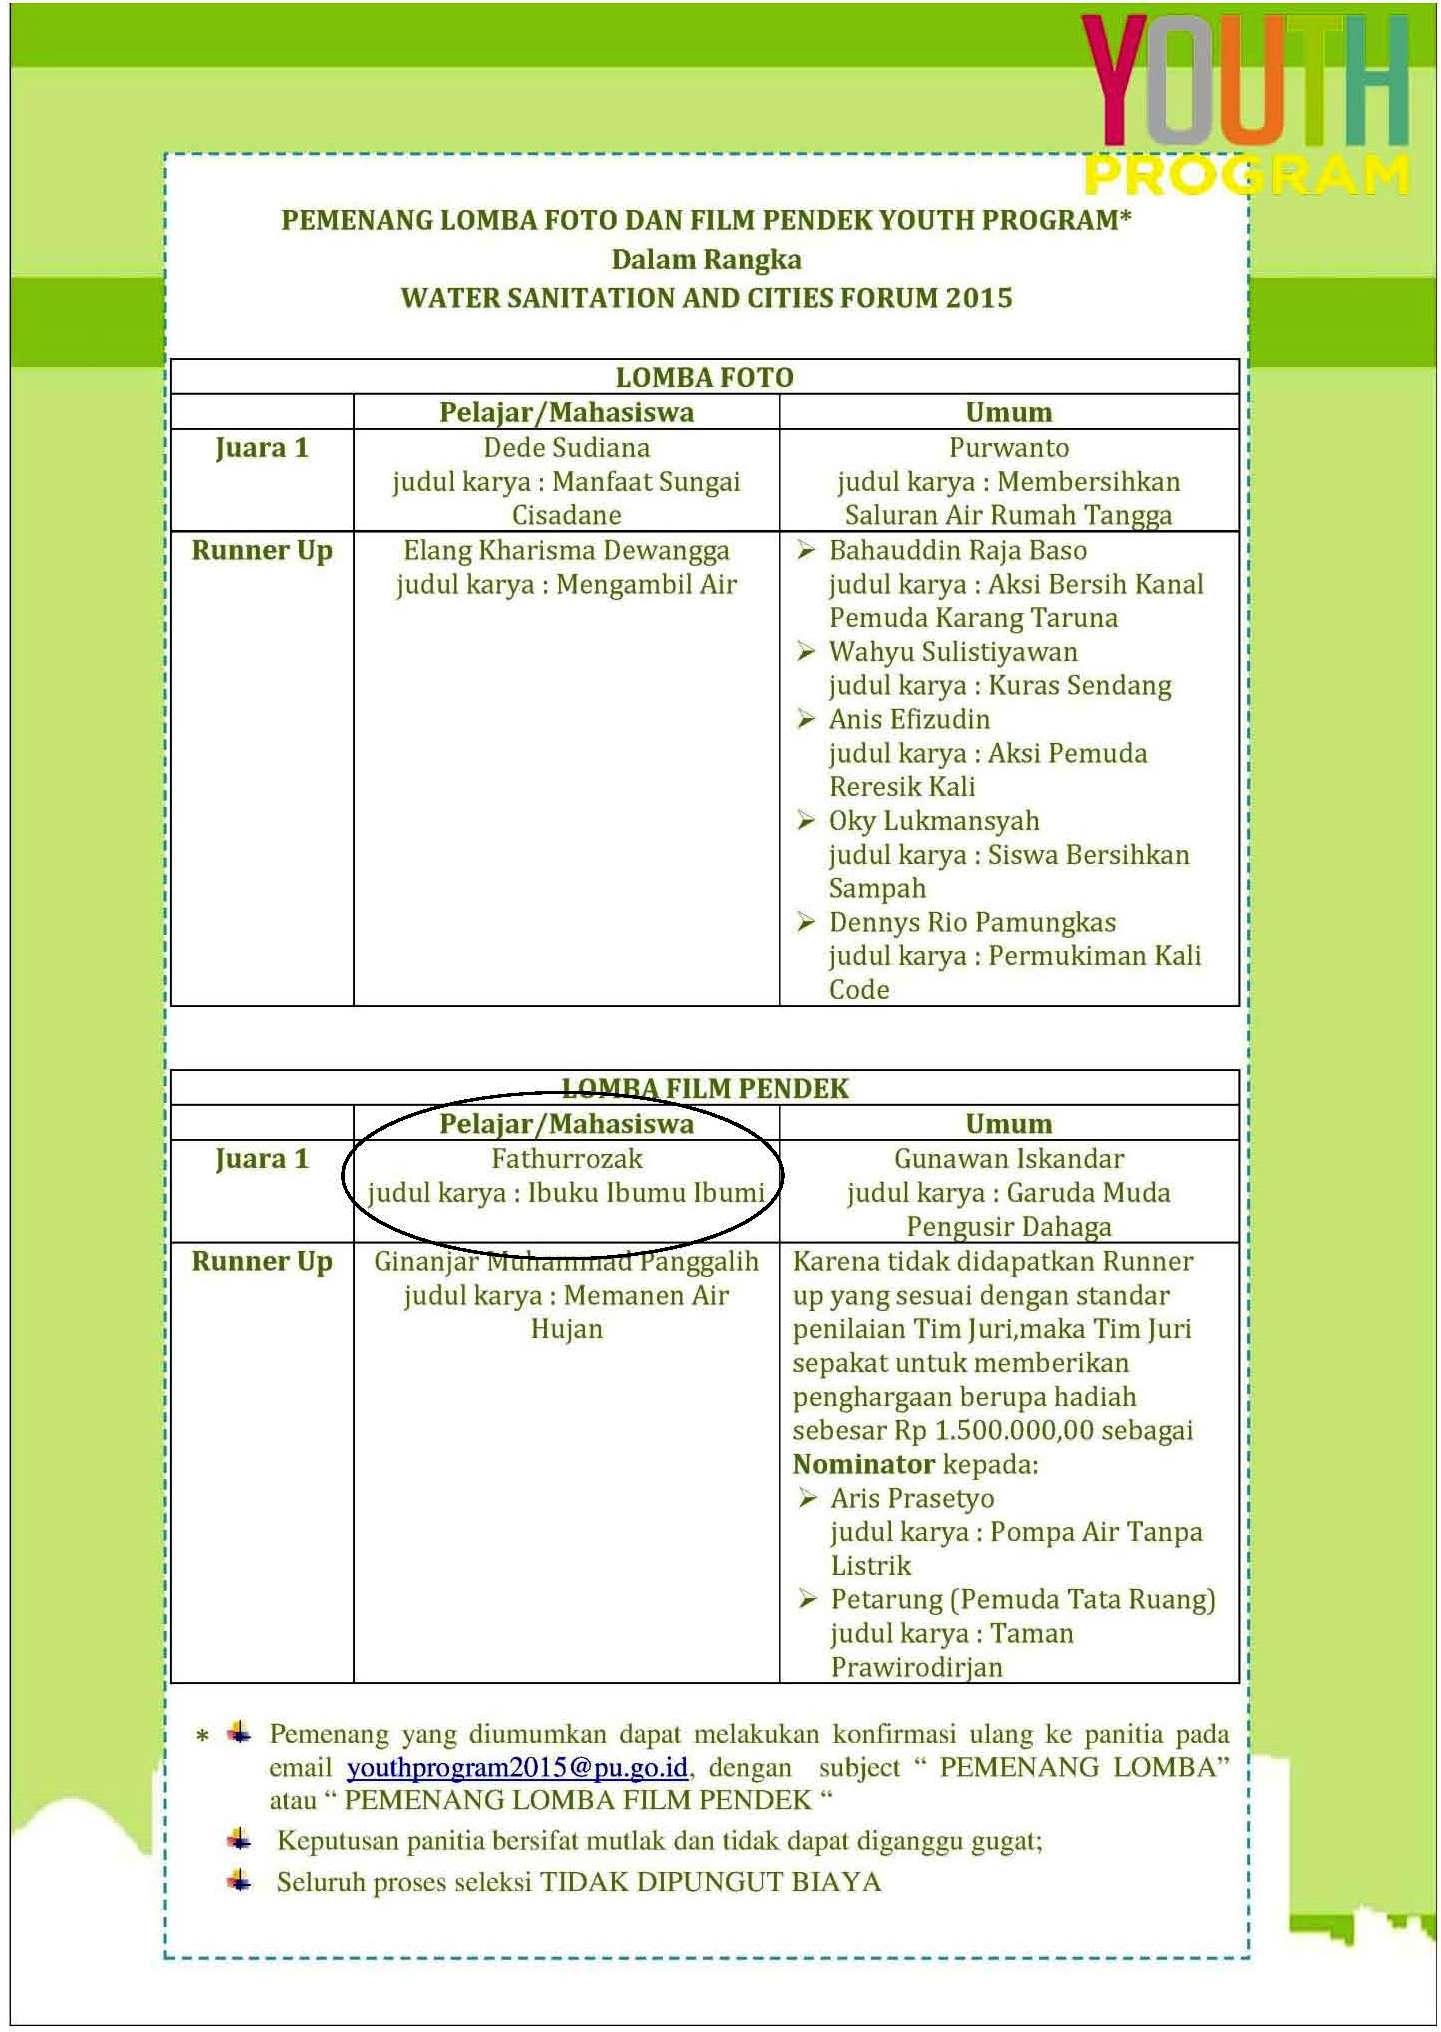 Selamat & Sukses FIKOM Universitas Esa Unggul Juara 1 Lomba Film Dokumenter Kategori Mahasiswa/Pelajar – Direktorat Jenderal Cipta Karya-Kementerian Pekerjaan Umum 2015